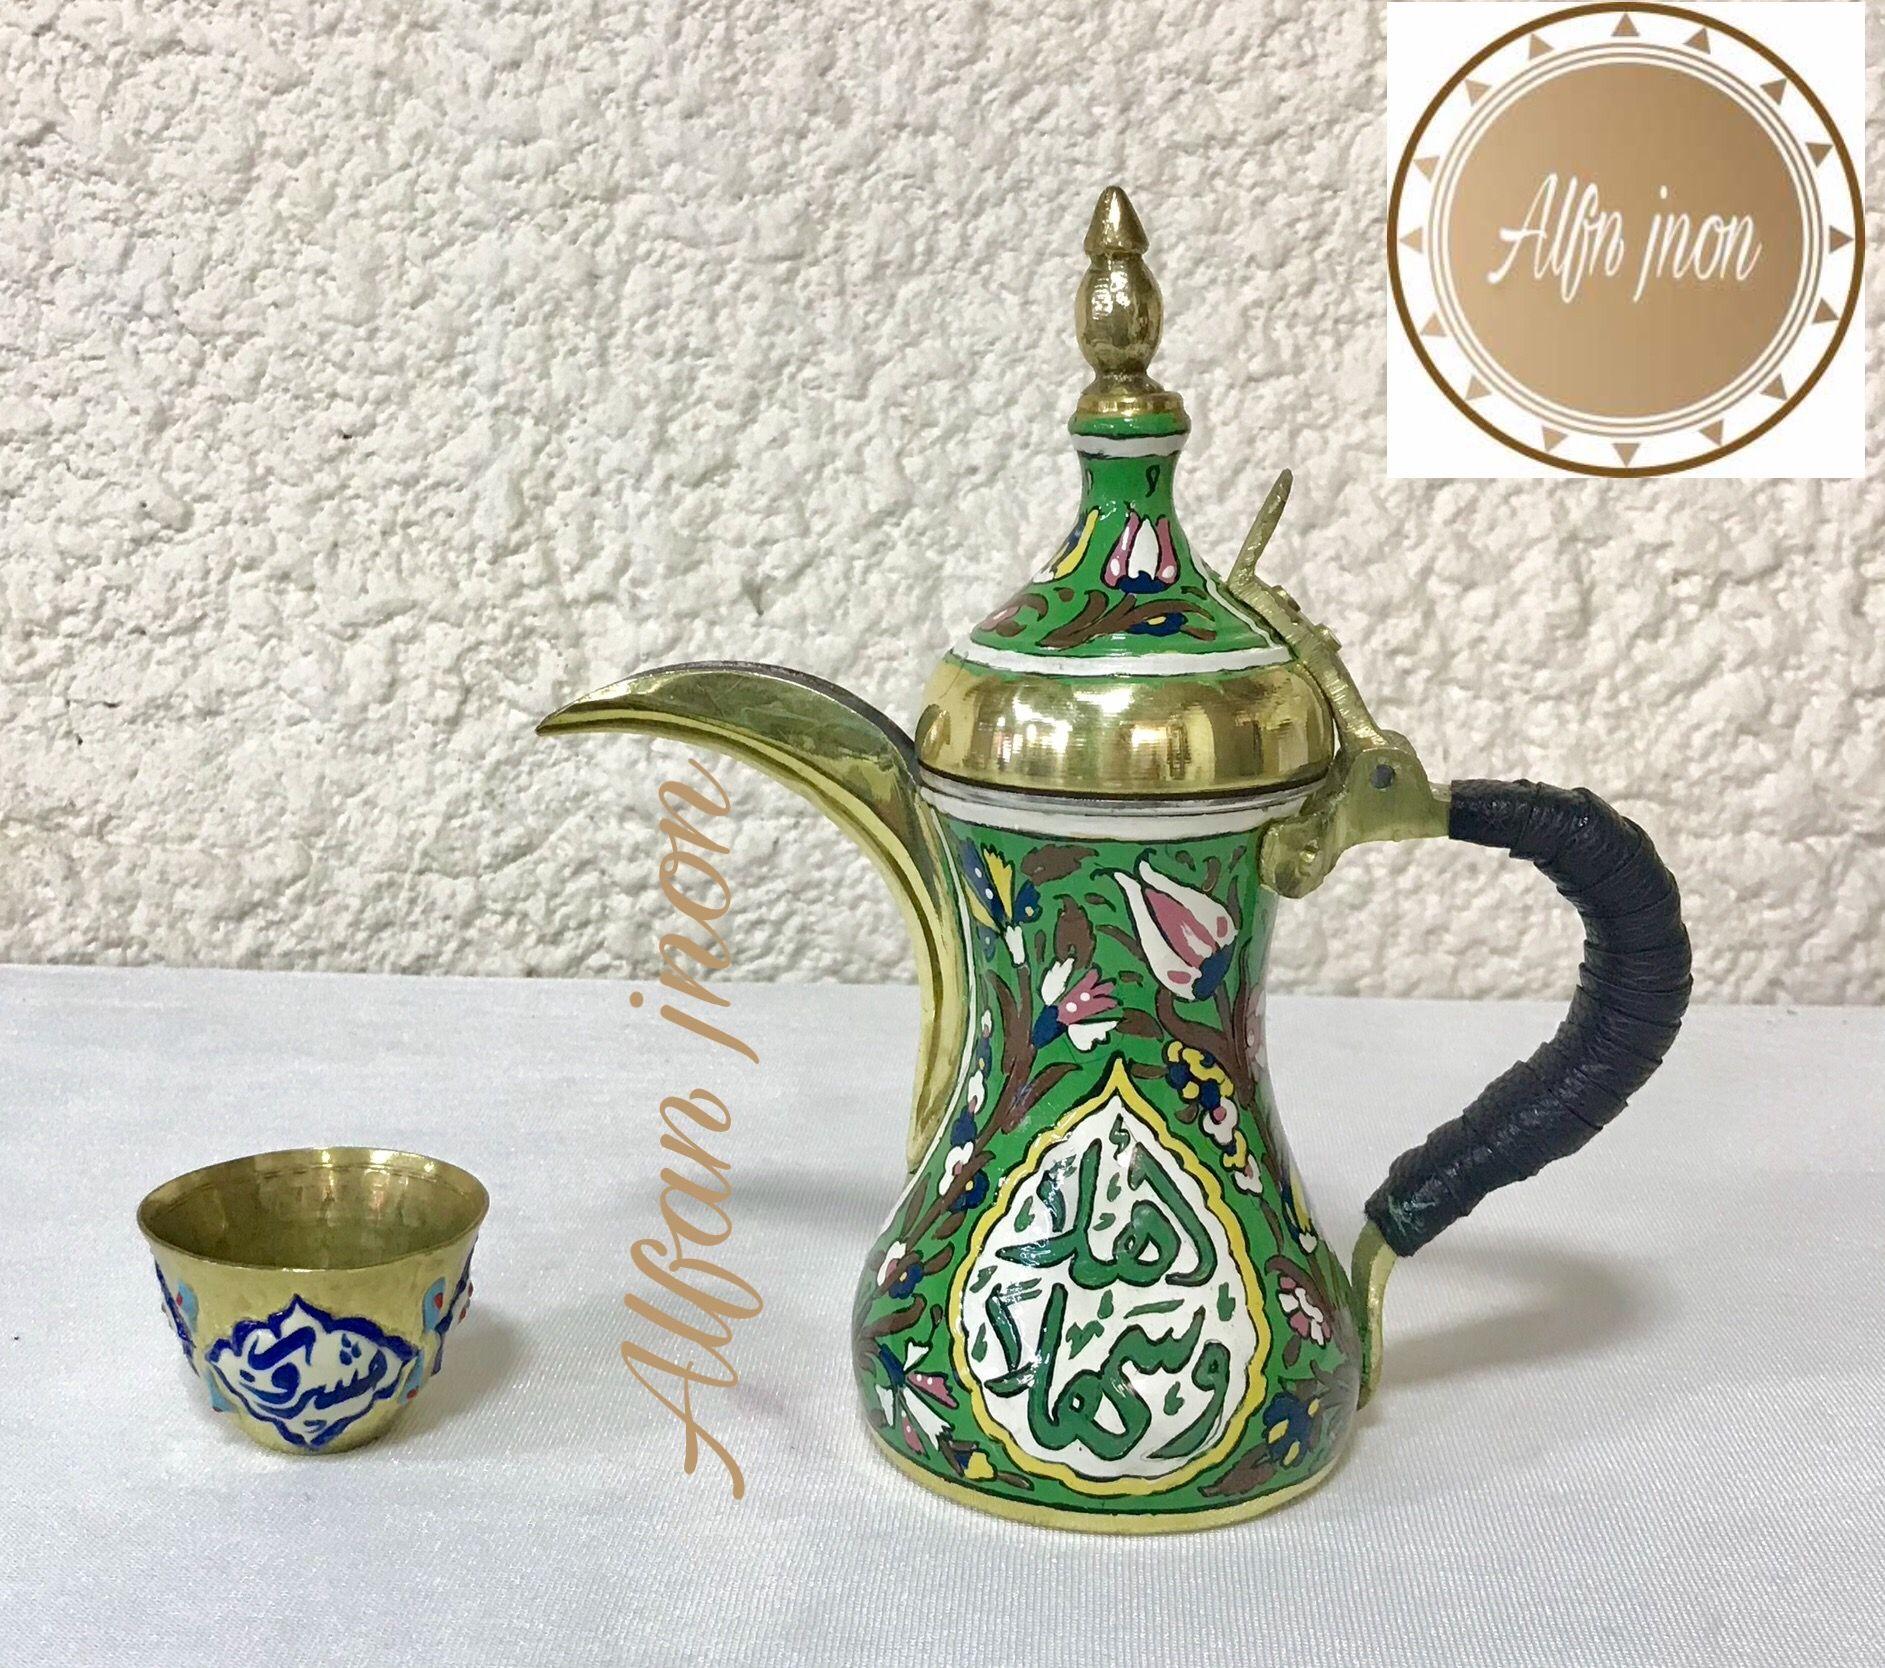 دلة قهوة عربي Alfan Jnon للتواصل على الواتس 00963933223037 Beer Steins Tea Pots Beer Glasses